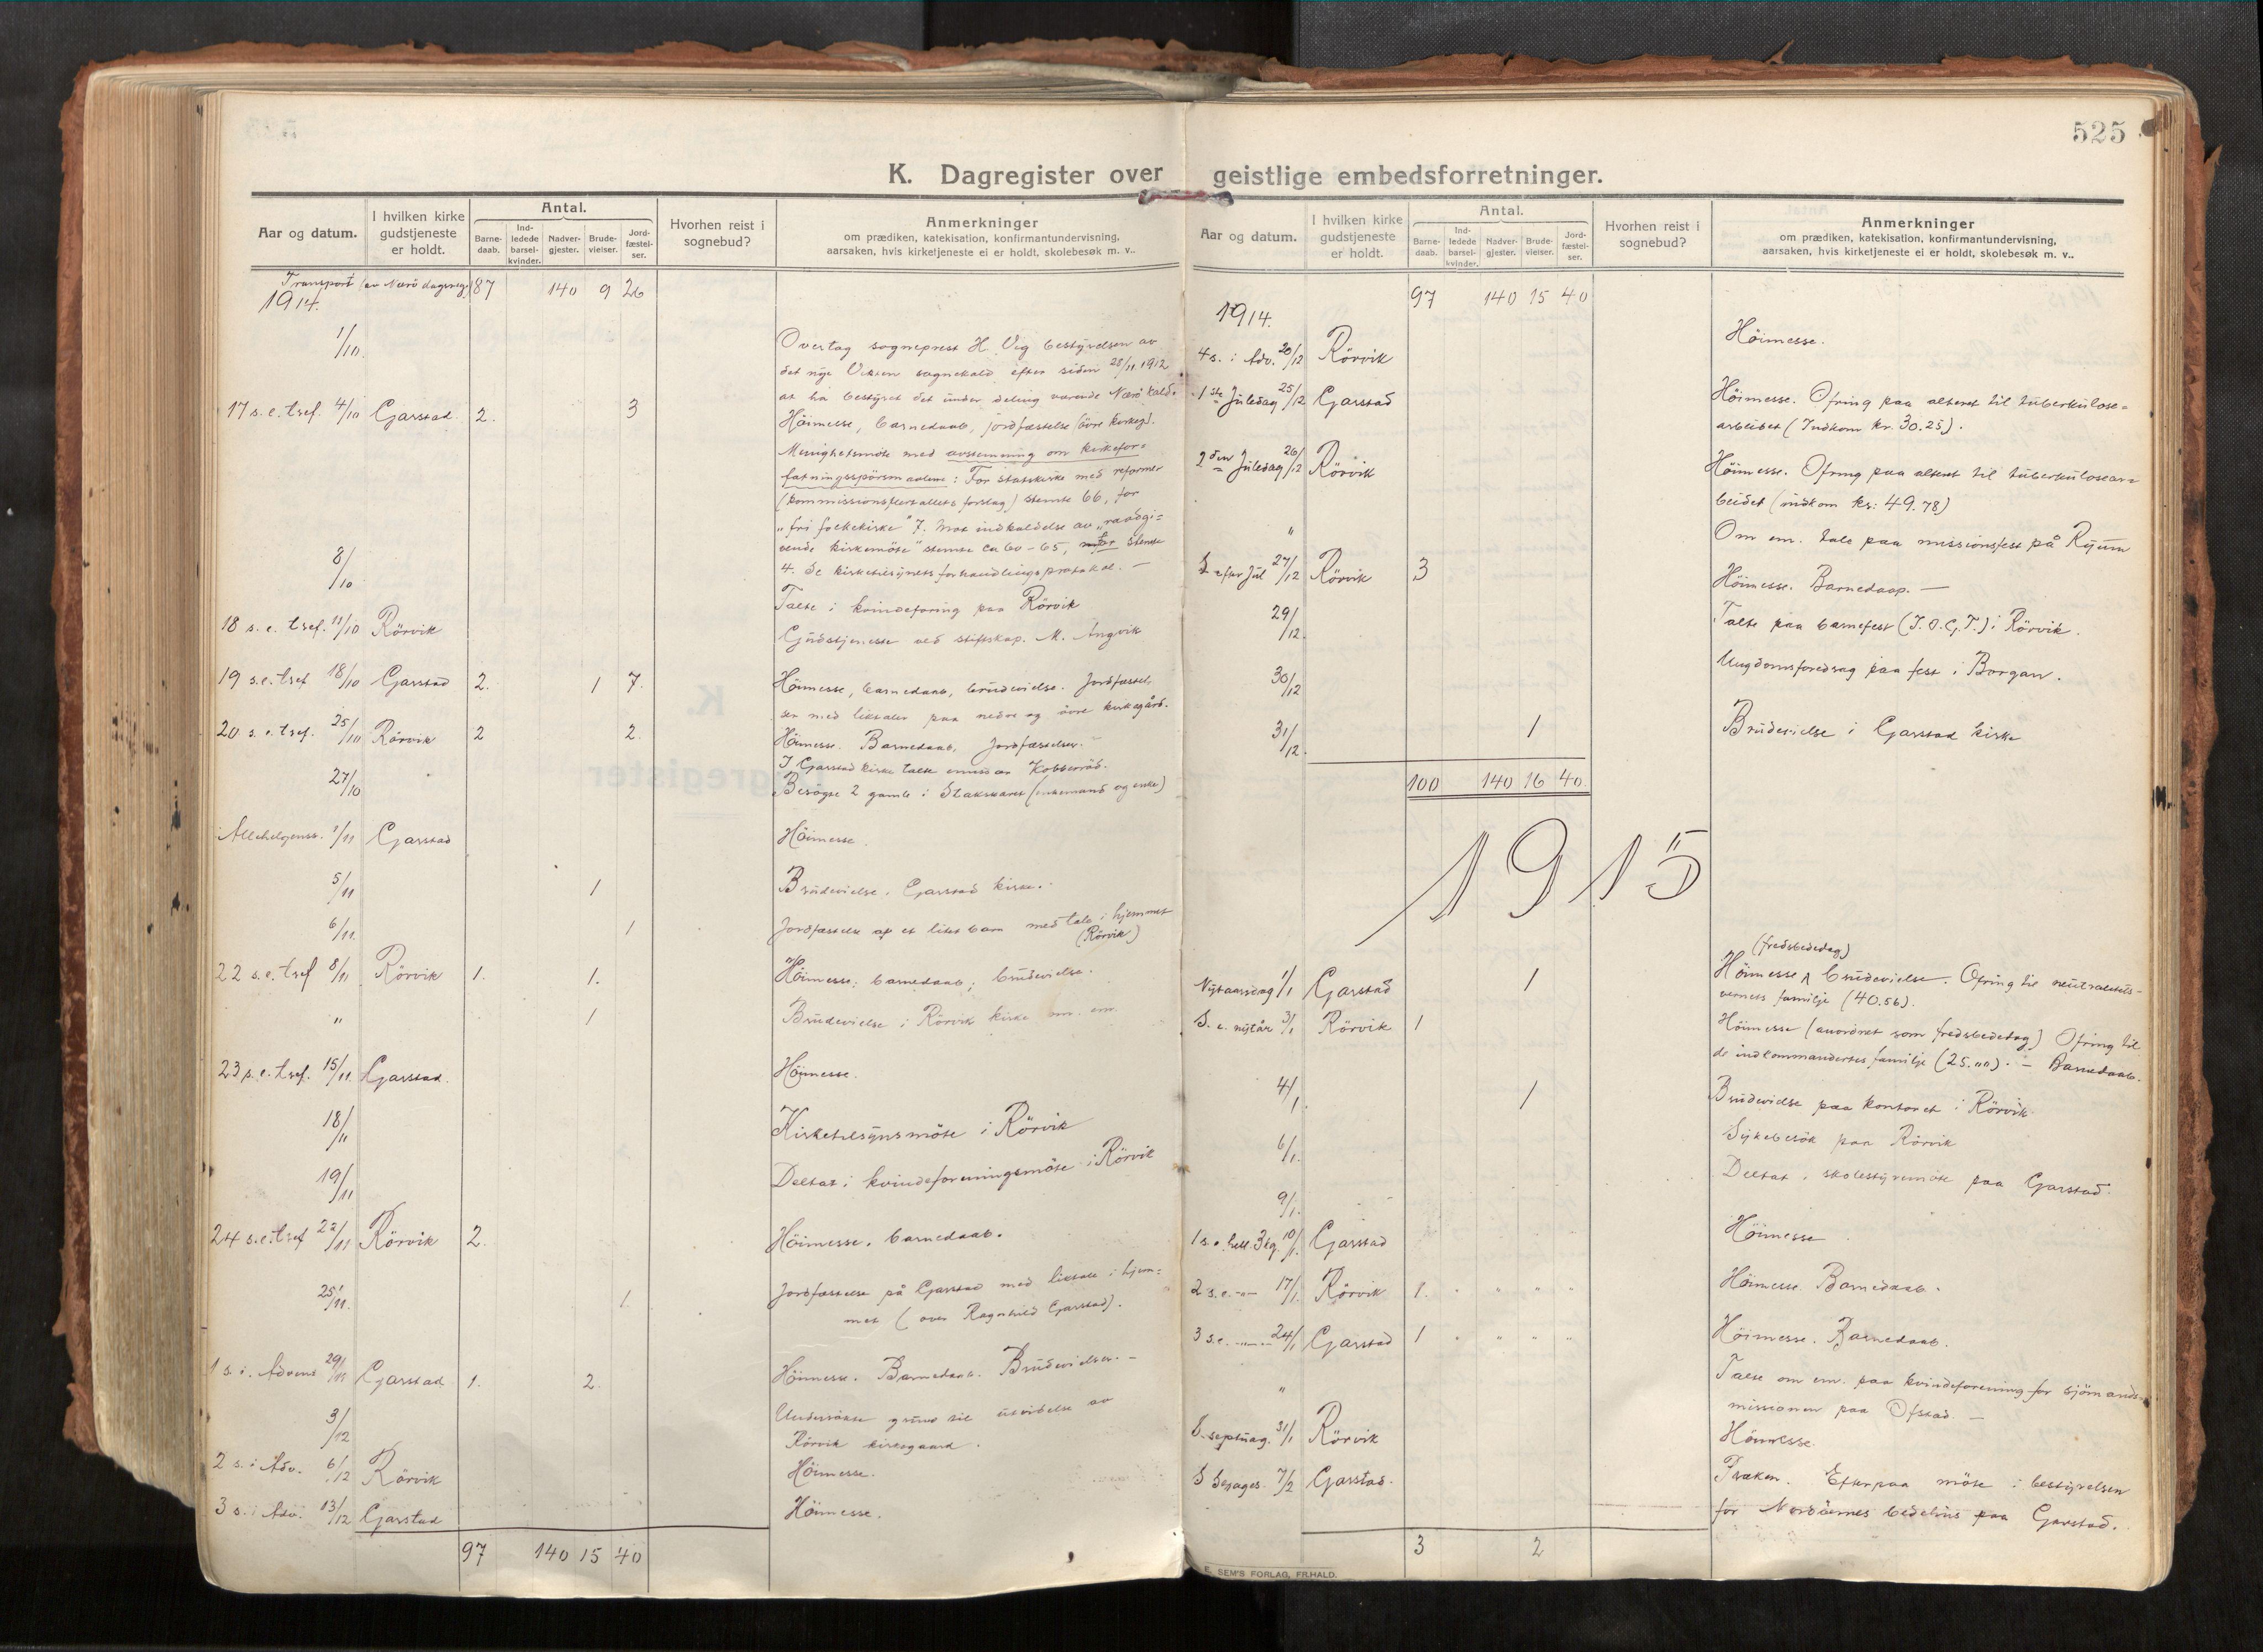 SAT, Vikna sokneprestkontor*, Parish register (official) no. 1, 1913-1934, p. 525